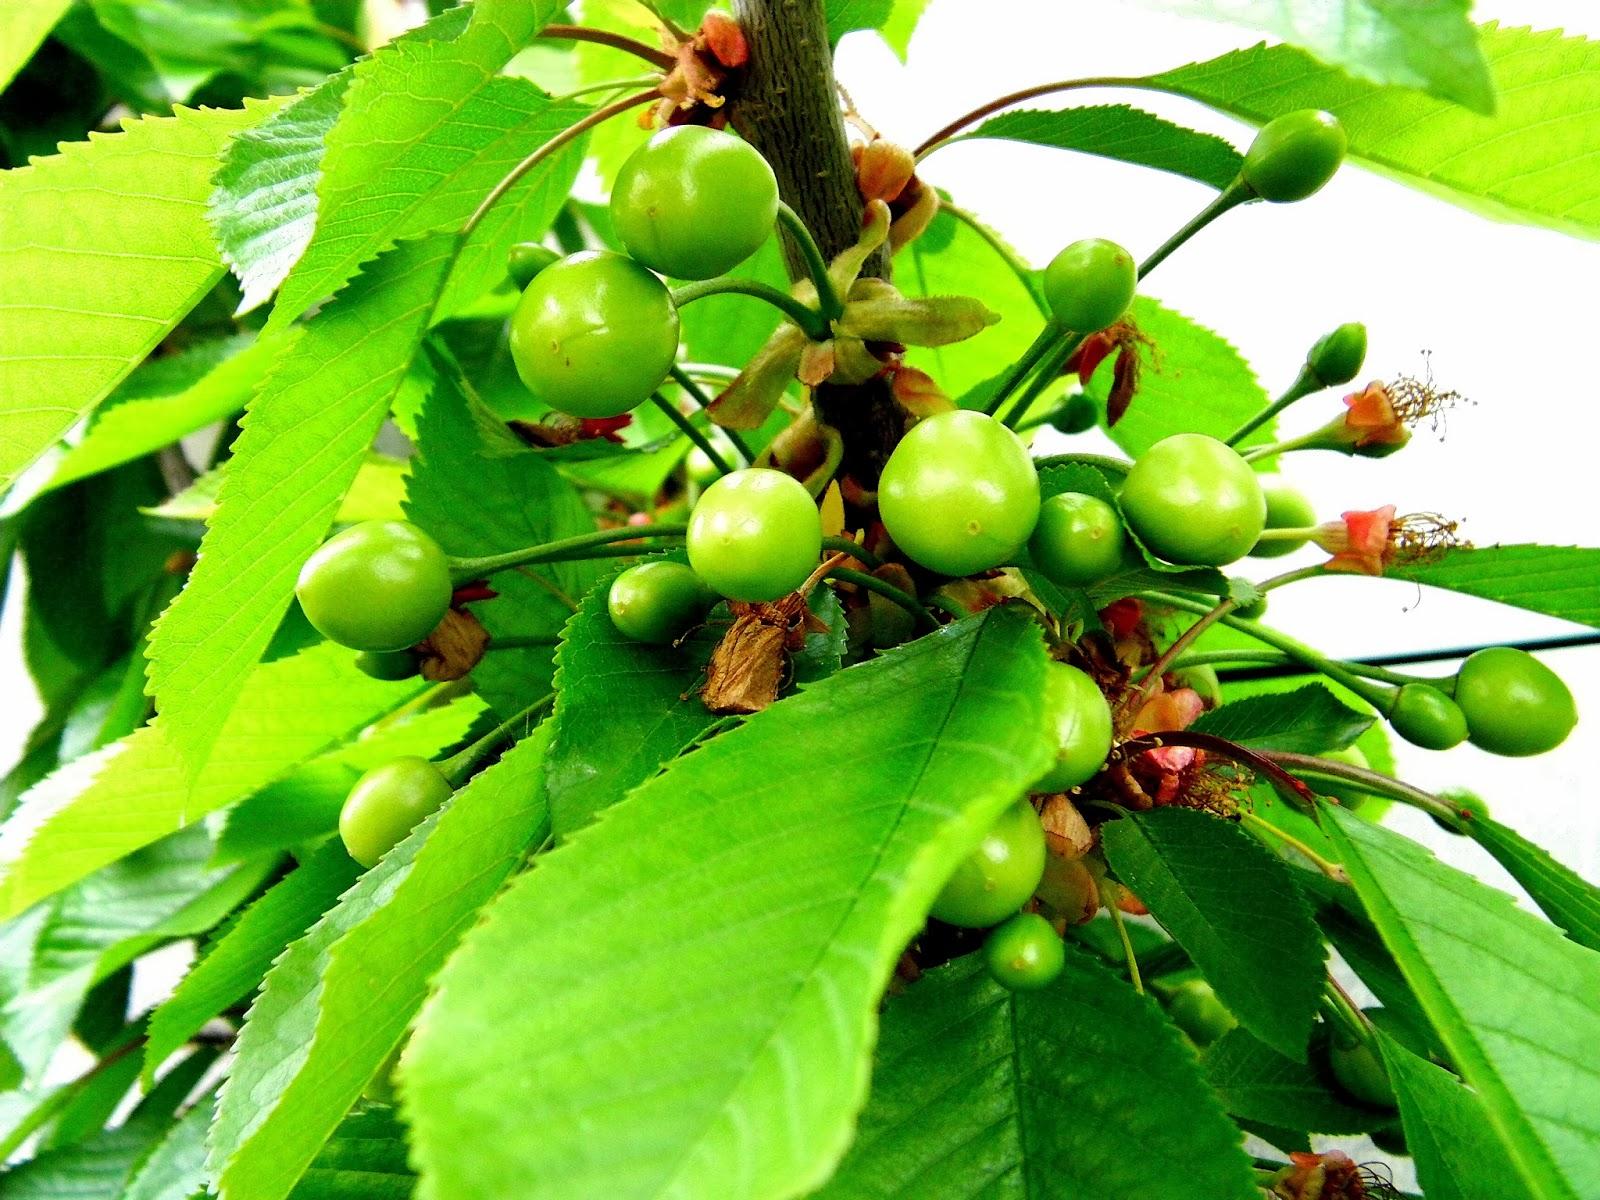 Les secrets de la taille et de la greffe des arbres fruitiers bio 04 petits secrets de la - Bouillie bordelaise sur arbres fruitiers en fleurs ...